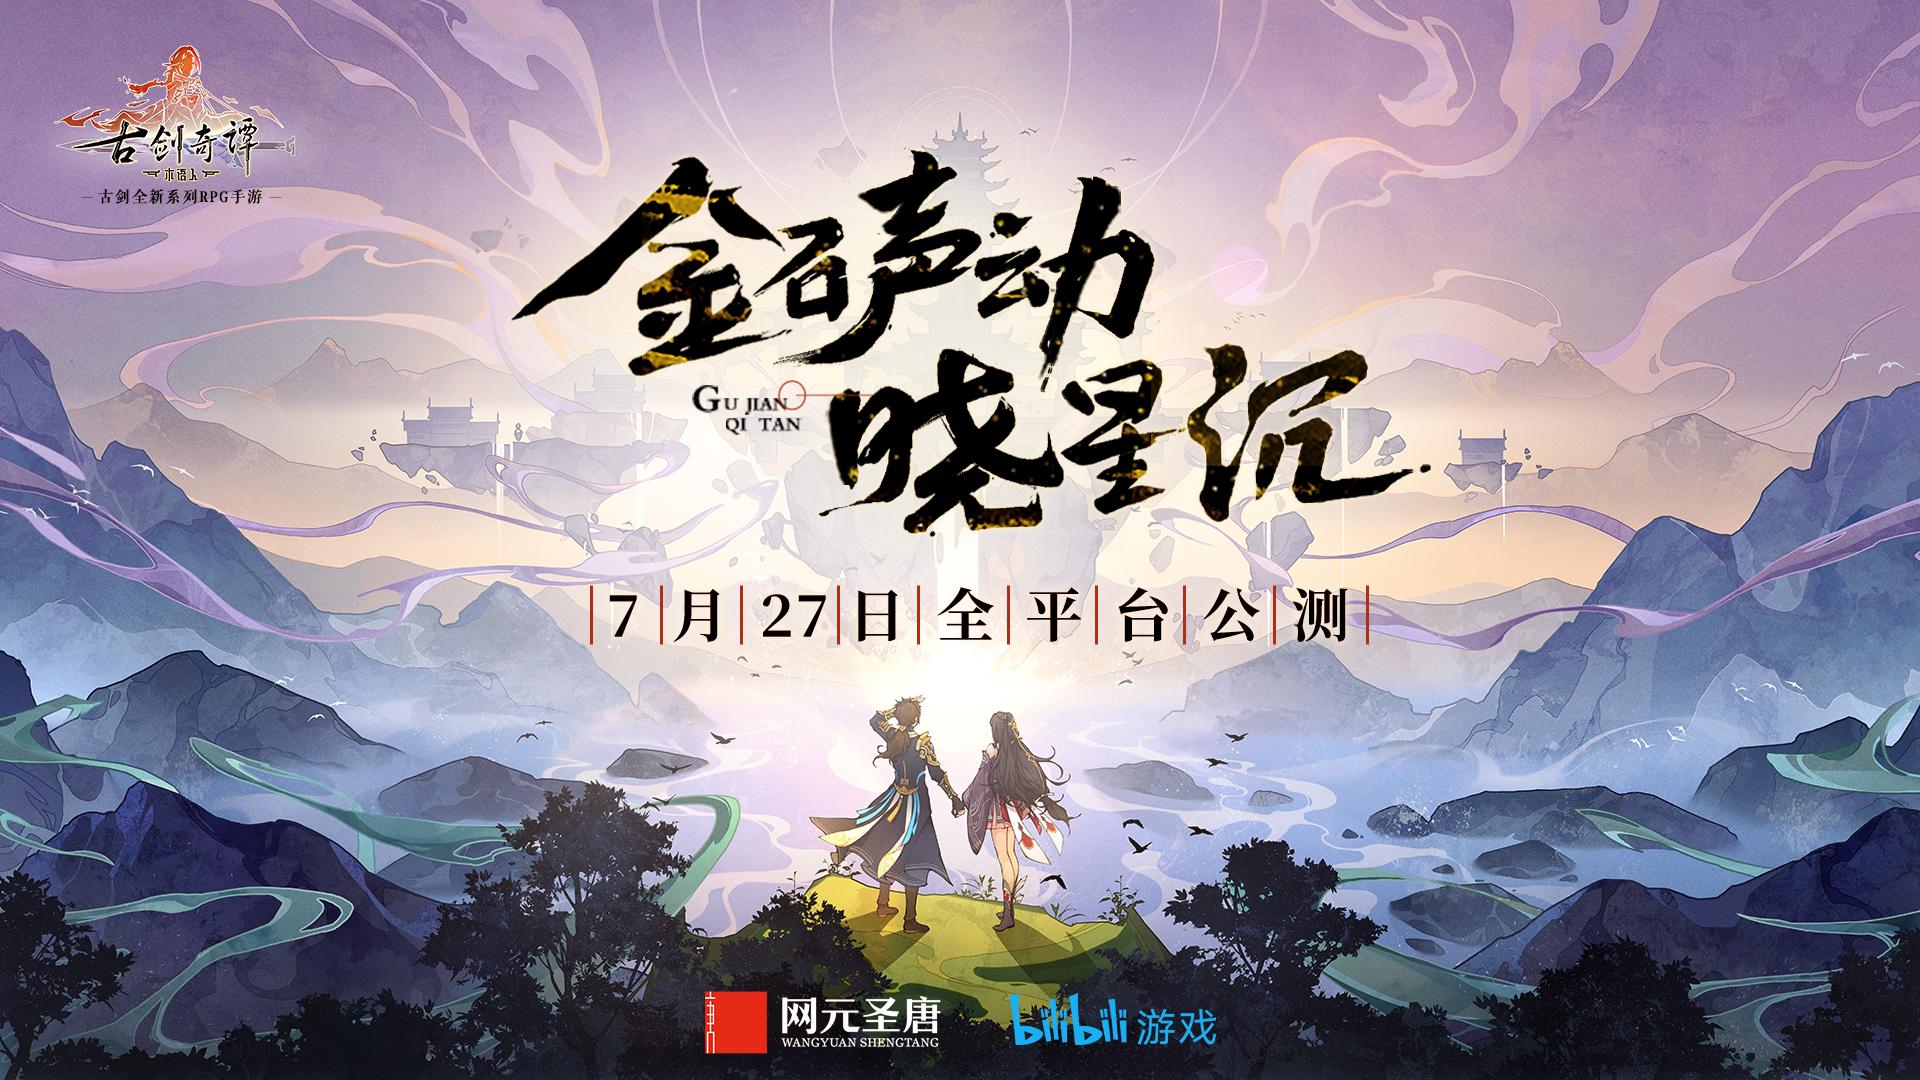 古剑奇谭木语人古剑联动版本宣布 多元战略中的全新尝试